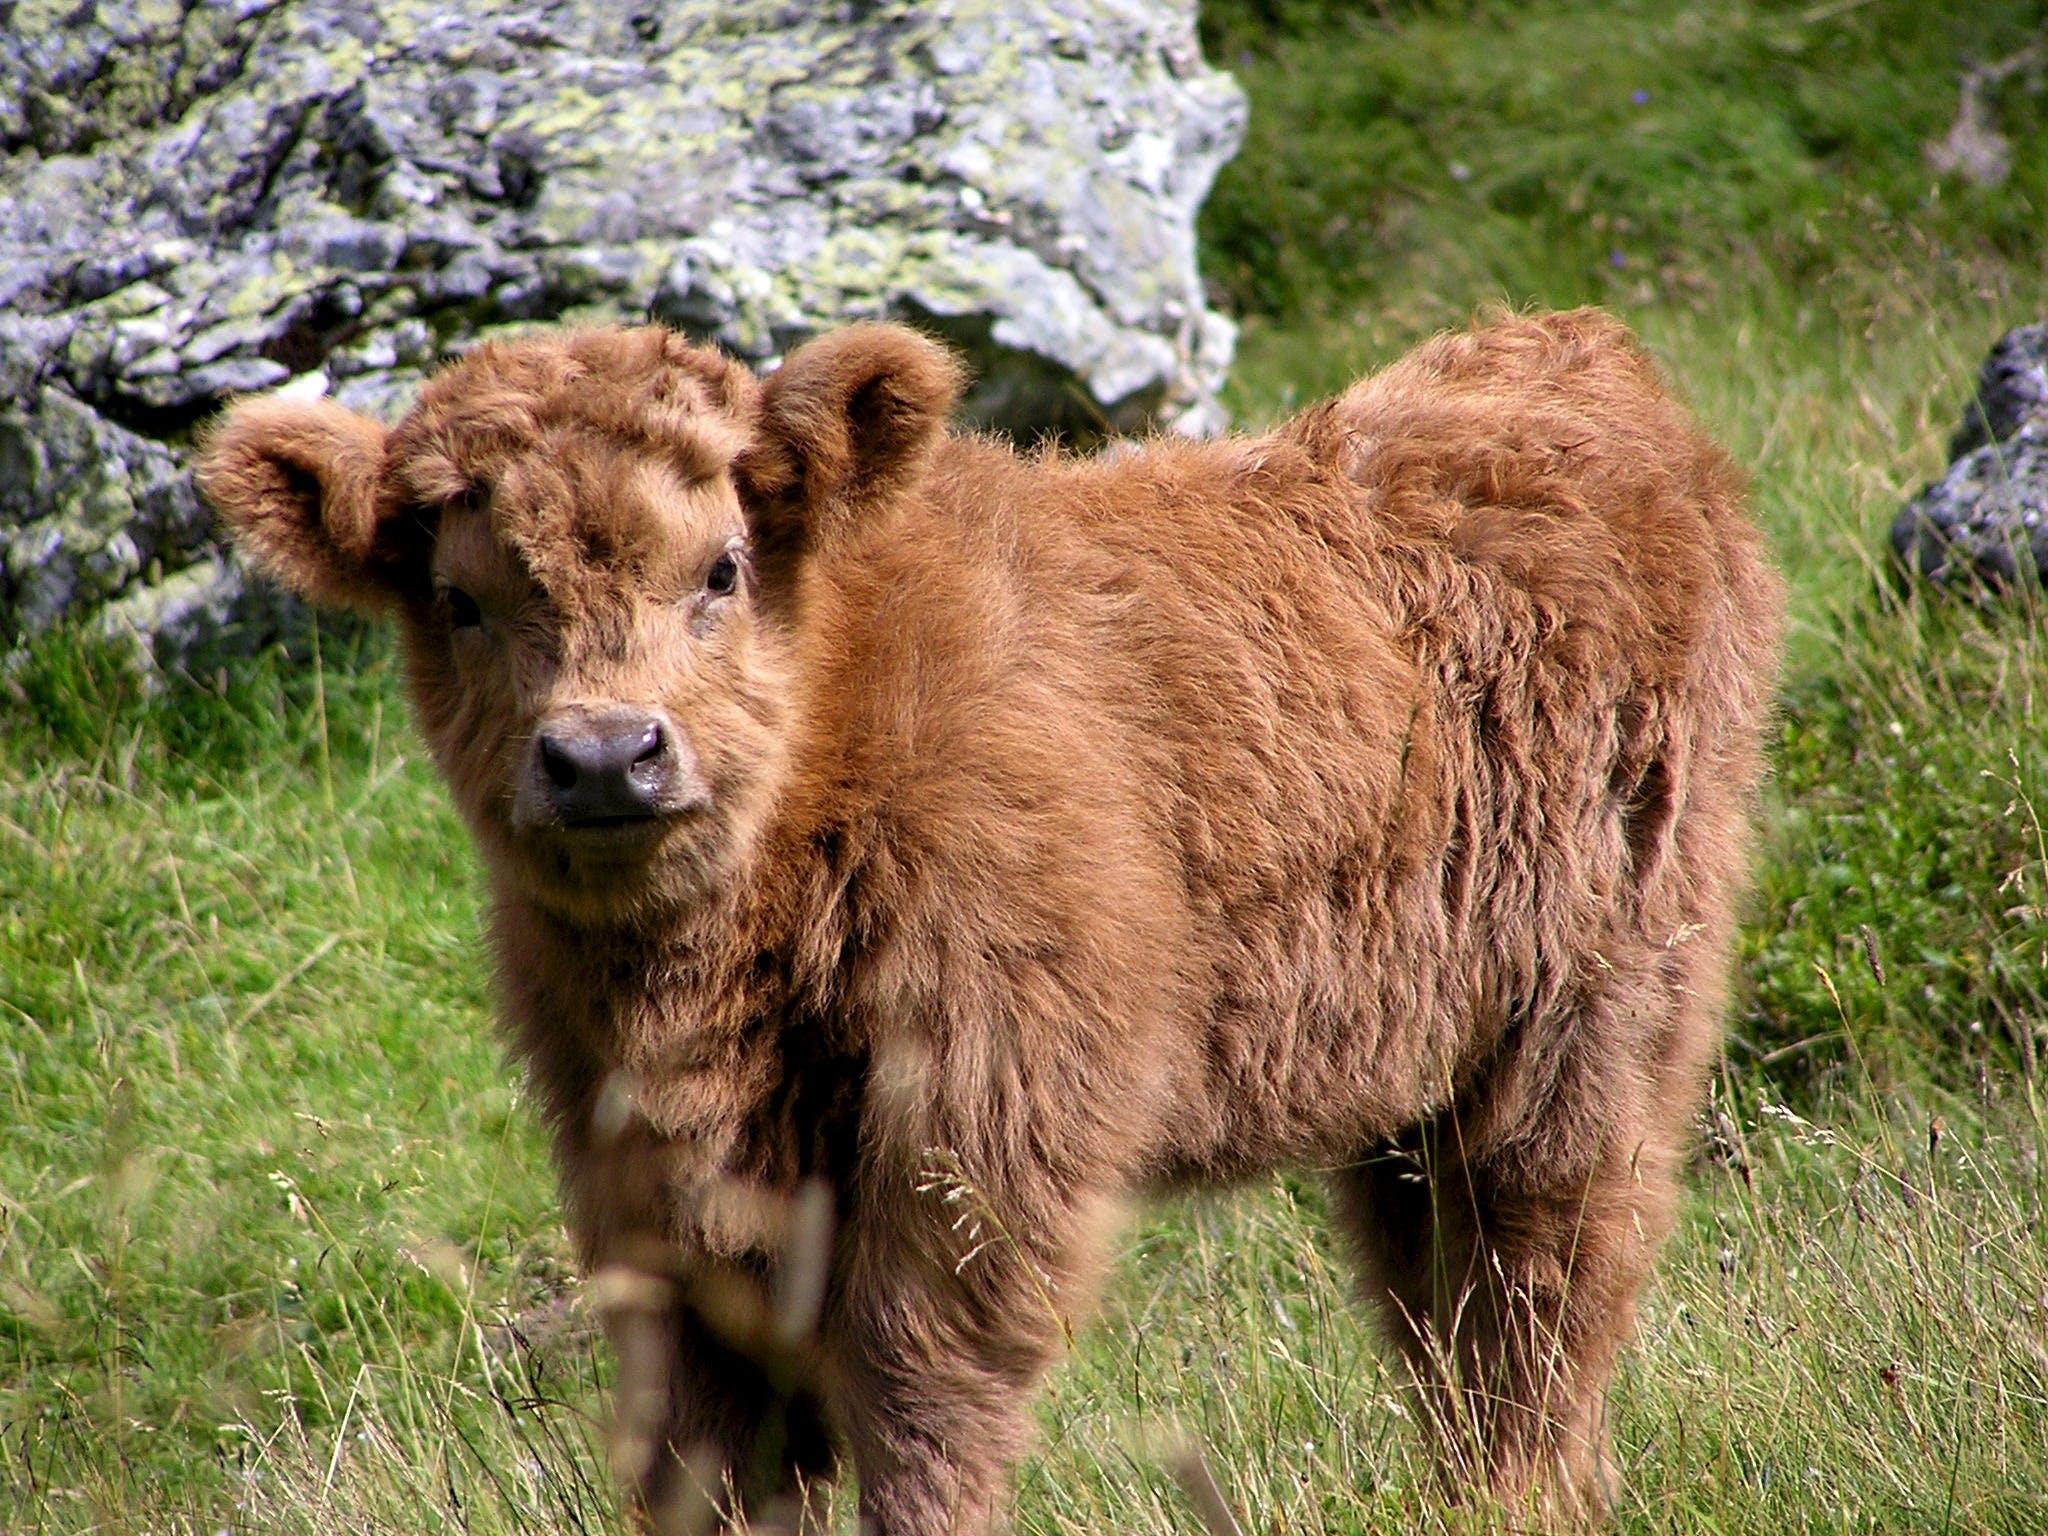 Brown Long Coat 4 Leg Animal on Green Grass during Daytime